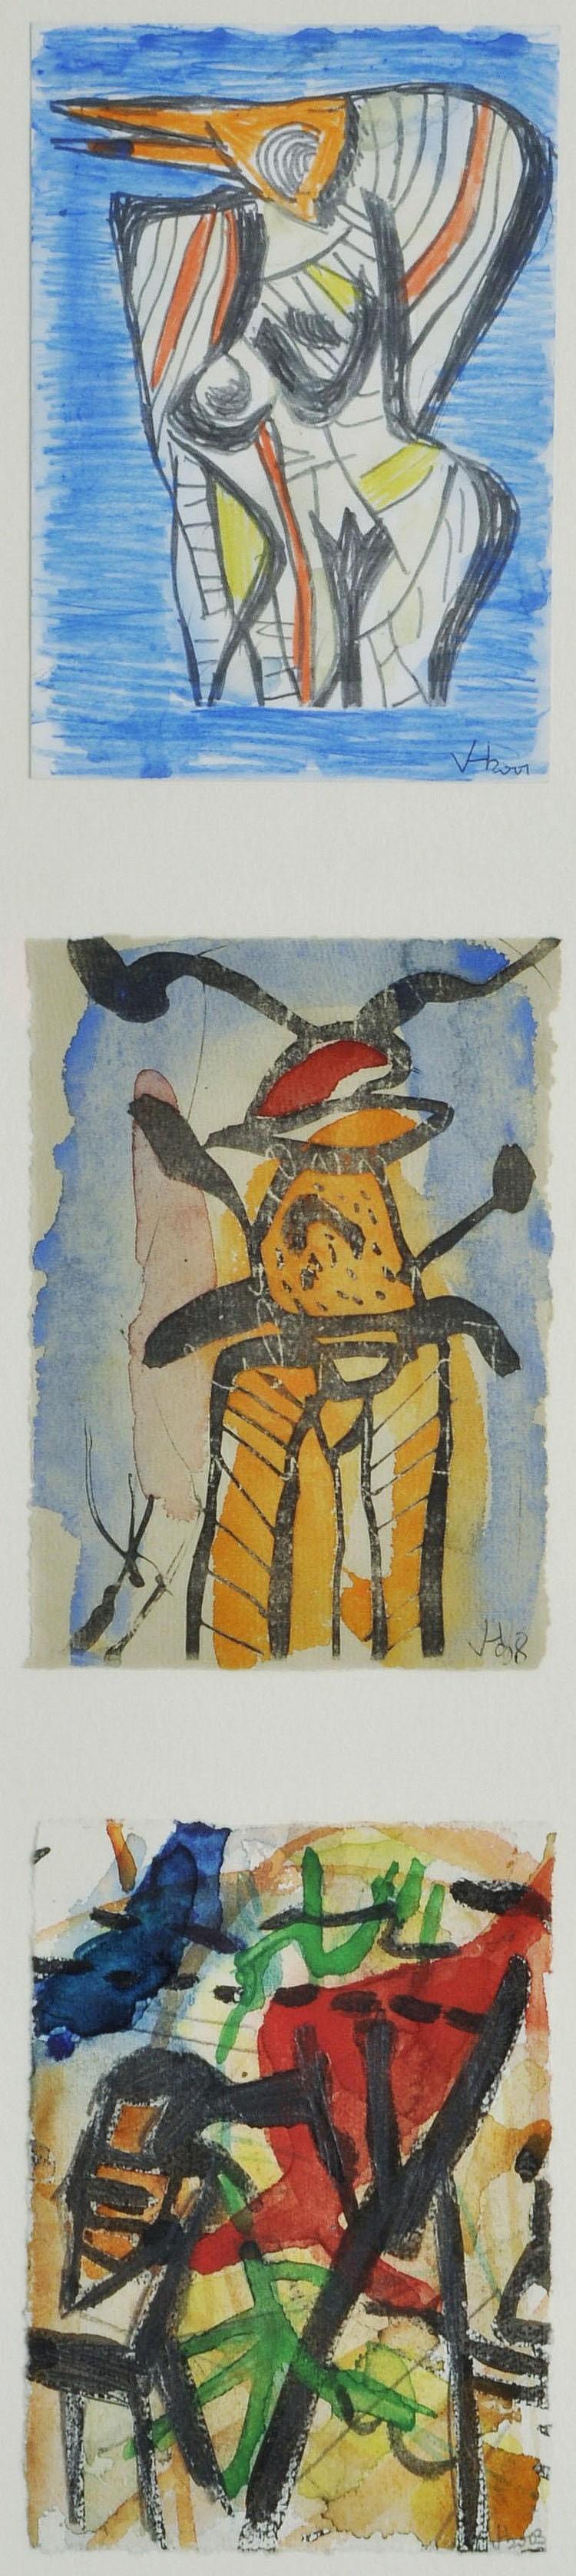 Hofmann, Veit. Geb. 1944 DresdenDrei Grafiken. Verschiedene Motive und Techniken, auf Untersatzkarton montiert, monogr. und dat. 2001, (19)98, 2003. Je ca. 14,5 x 10,4 cm. Hinter Glas gerahmt.